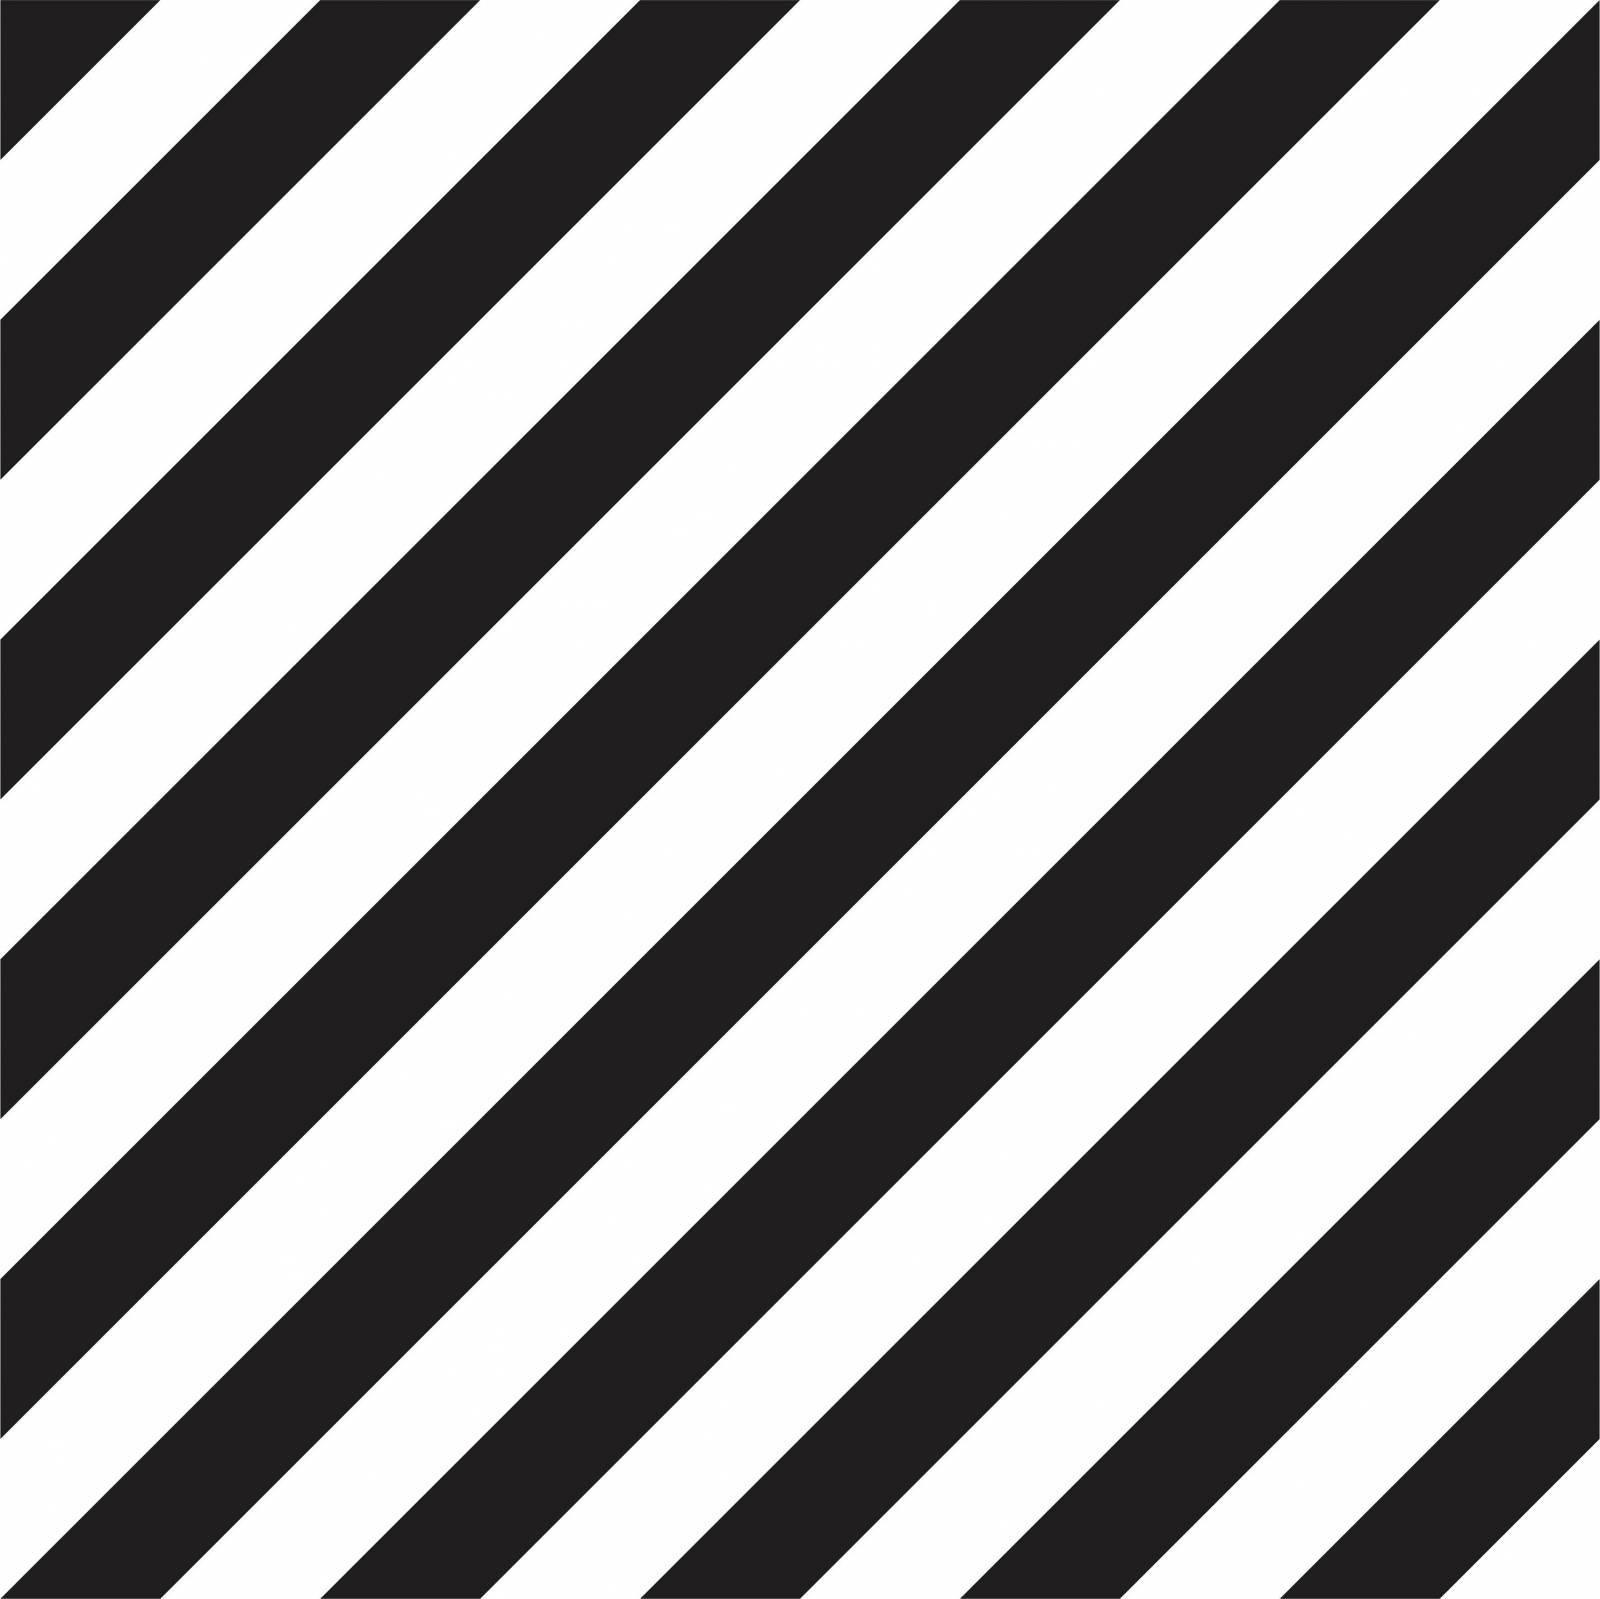 Papel de Parede Listrado Preto e Branco imagem 1